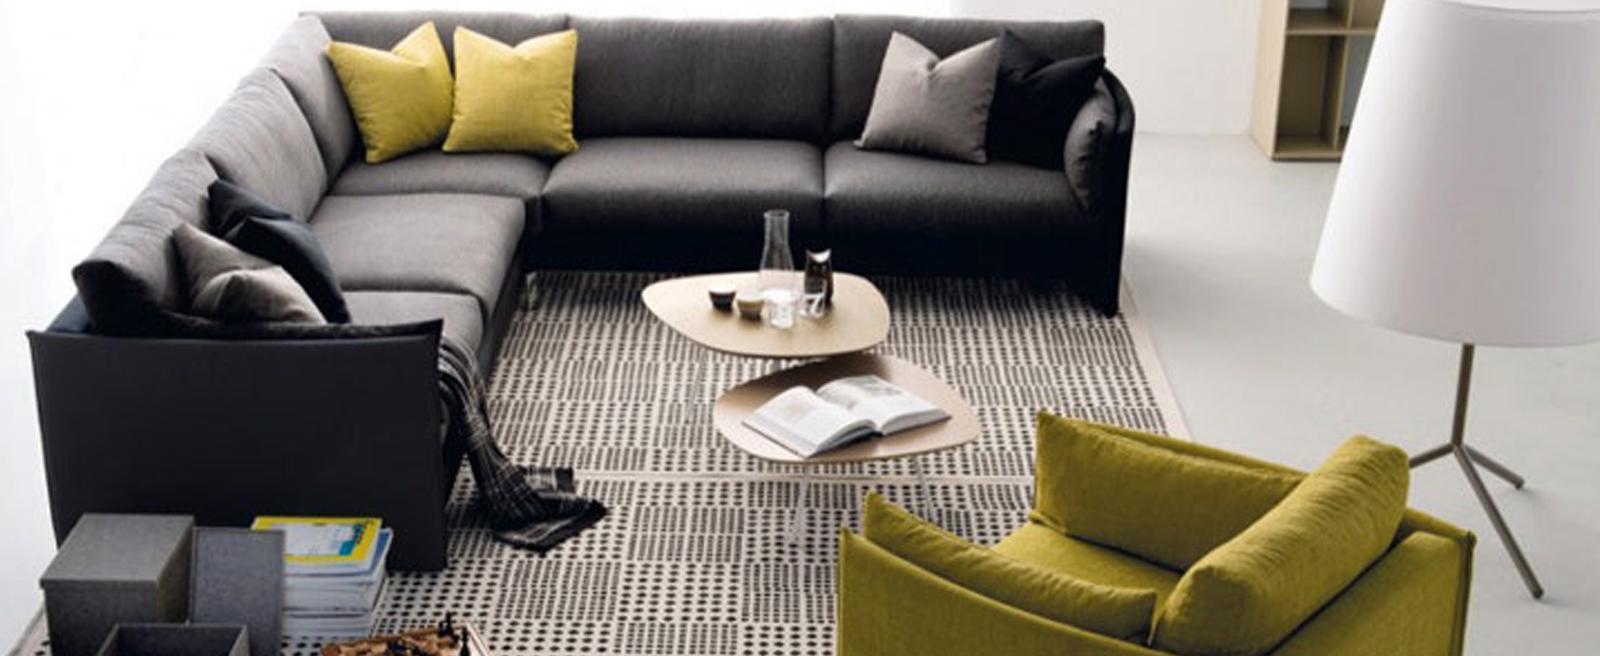 Boutique Home Center - Usine Mode & Maison